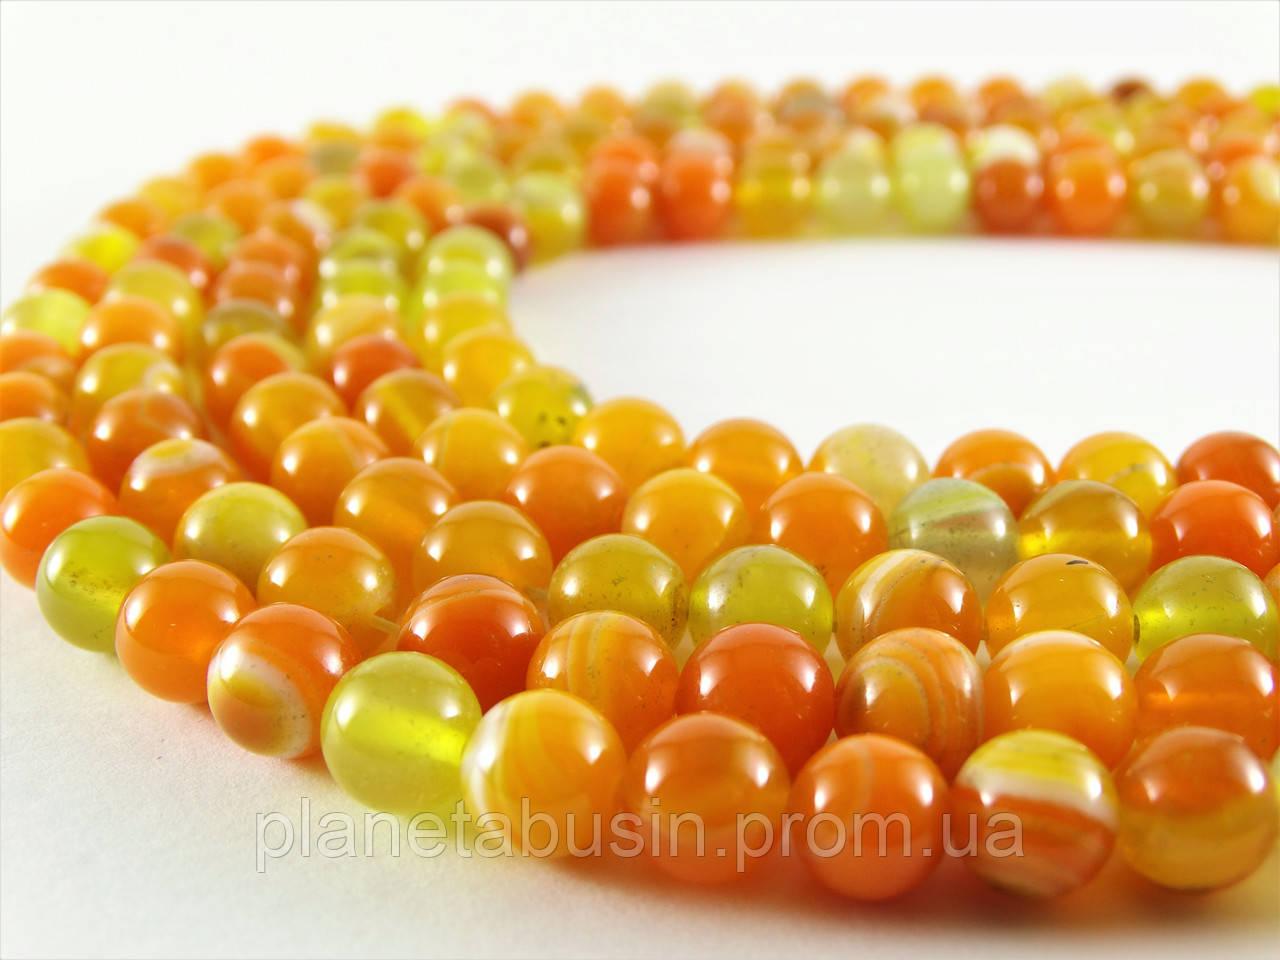 8 мм Оранжевый Полосатый Агат, CN130, Натуральный камень, Форма: Шар, Отверстие: 1 мм, кол-во: 47-48 шт/нить